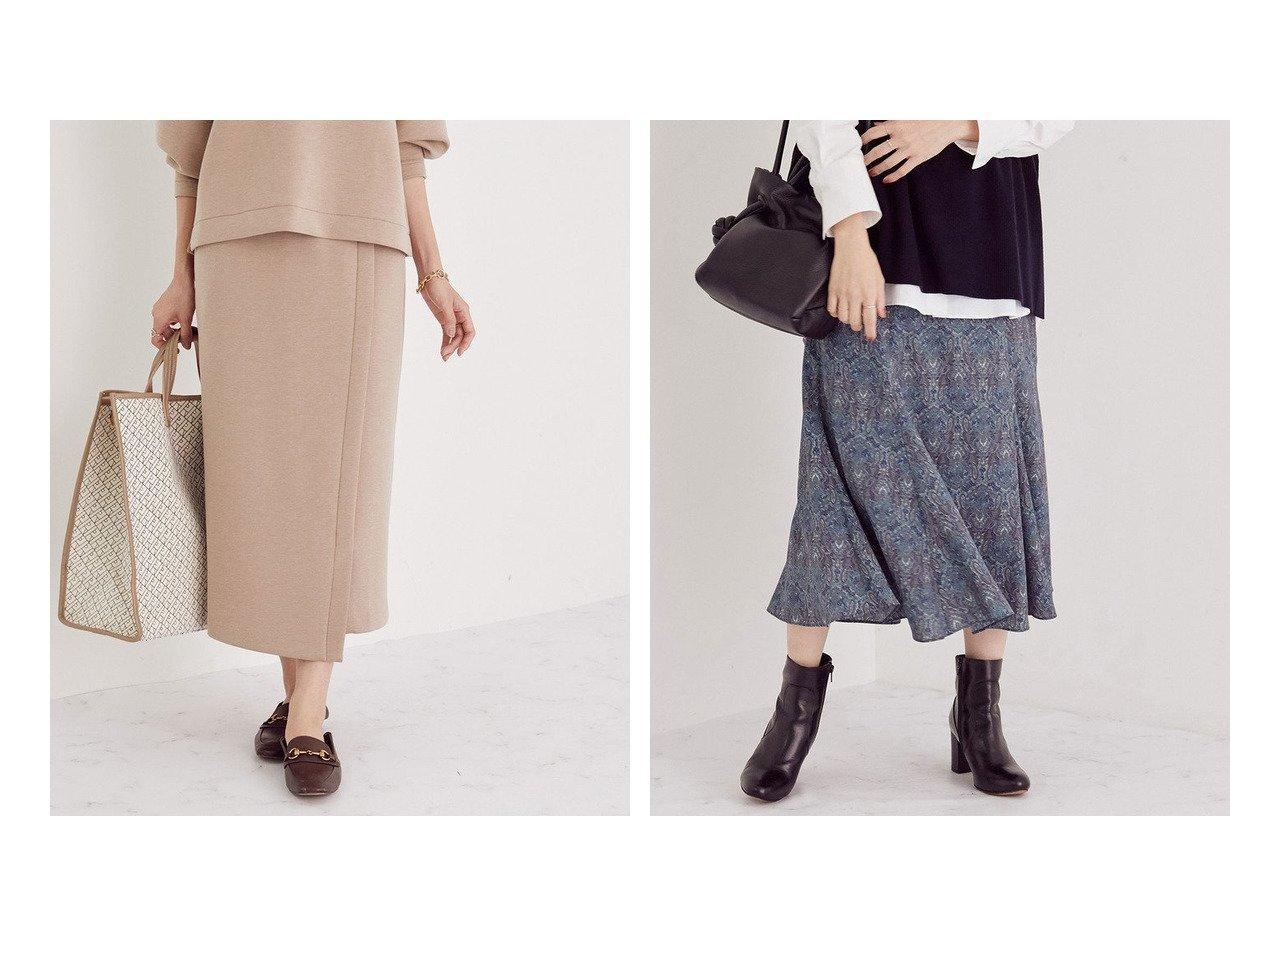 【ROPE/ロペ】のペイズリープリントマーメイドスカート&【セットアップ対応】ダンボールニットラップ風タイトスカート スカートのおすすめ!人気、レディースファッションの通販 おすすめで人気のファッション通販商品 インテリア・家具・キッズファッション・メンズファッション・レディースファッション・服の通販 founy(ファニー) https://founy.com/ ファッション Fashion レディース WOMEN セットアップ Setup スカート Skirt スカート Skirt スリット セットアップ 定番 パーカー ベーシック マニッシュ モダン ラップ リラックス アンティーク ヴィンテージ ショート トレンド プリント マキシ マーメイド 無地 秋冬 A/W Autumn/ Winter |ID:crp329100000001484